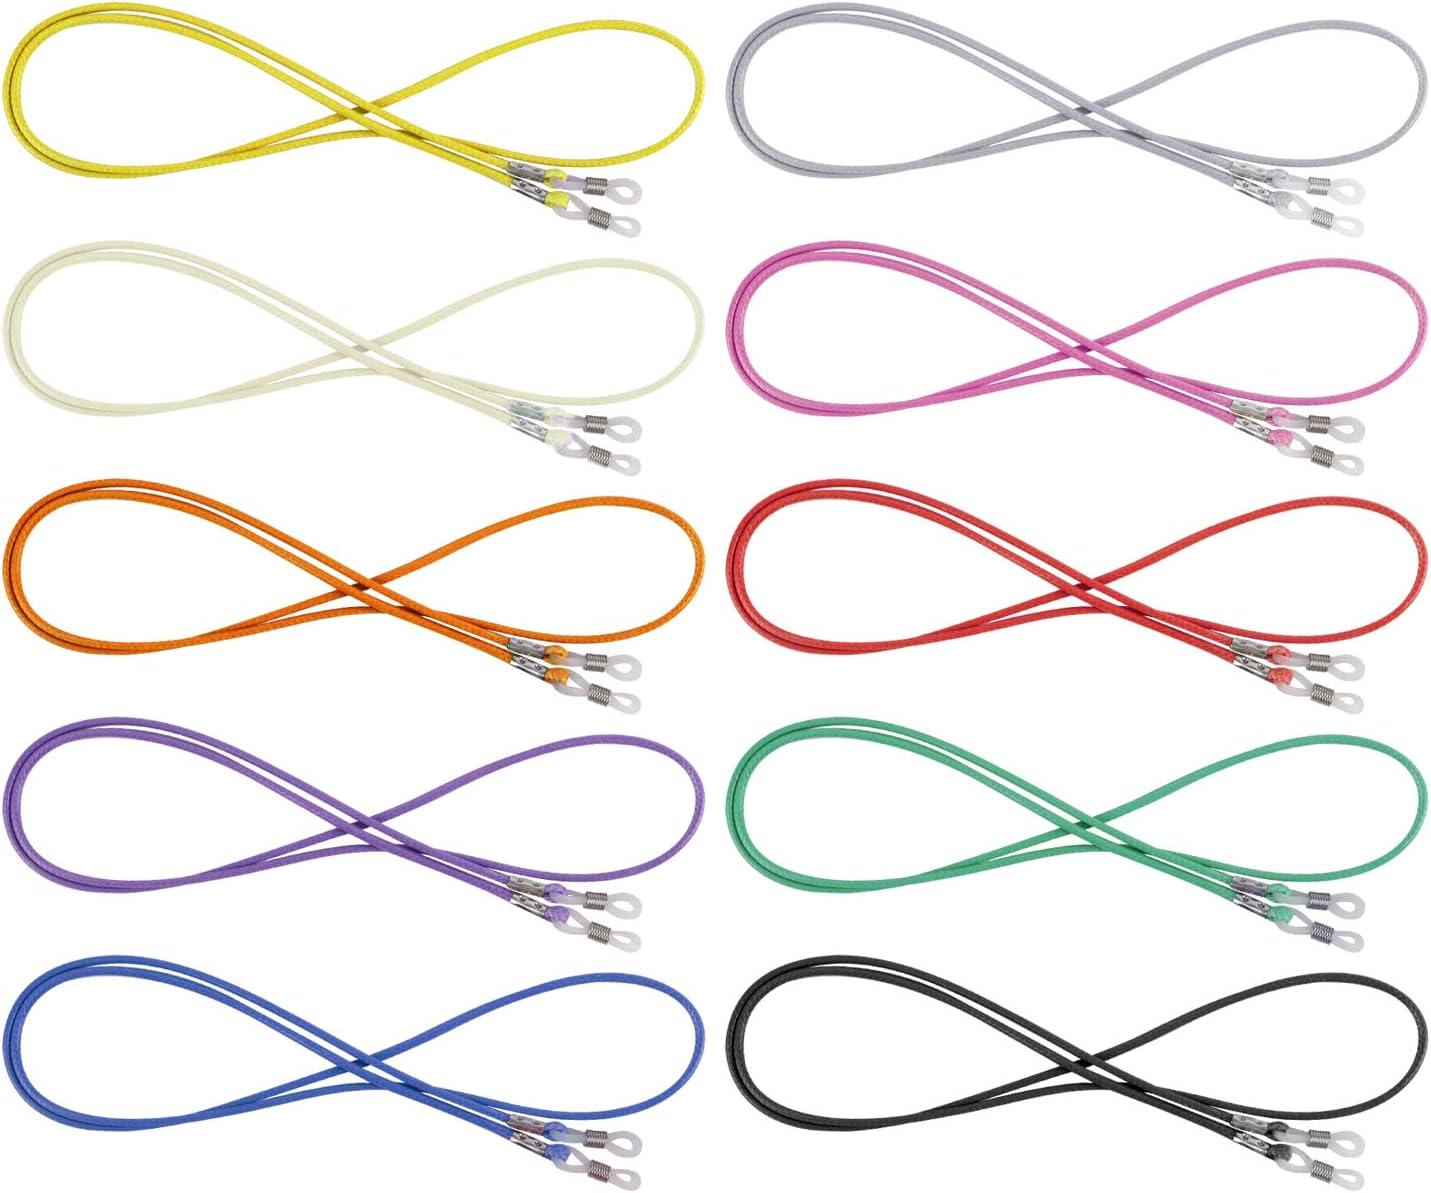 Sangle Corde Retenue /à Lunettes de Lecture pour Femmes Hommes Enfants Sport Hifot Cordon Lunettes 10 Pi/èces color/é Cha/îne Lunettes de Soleil